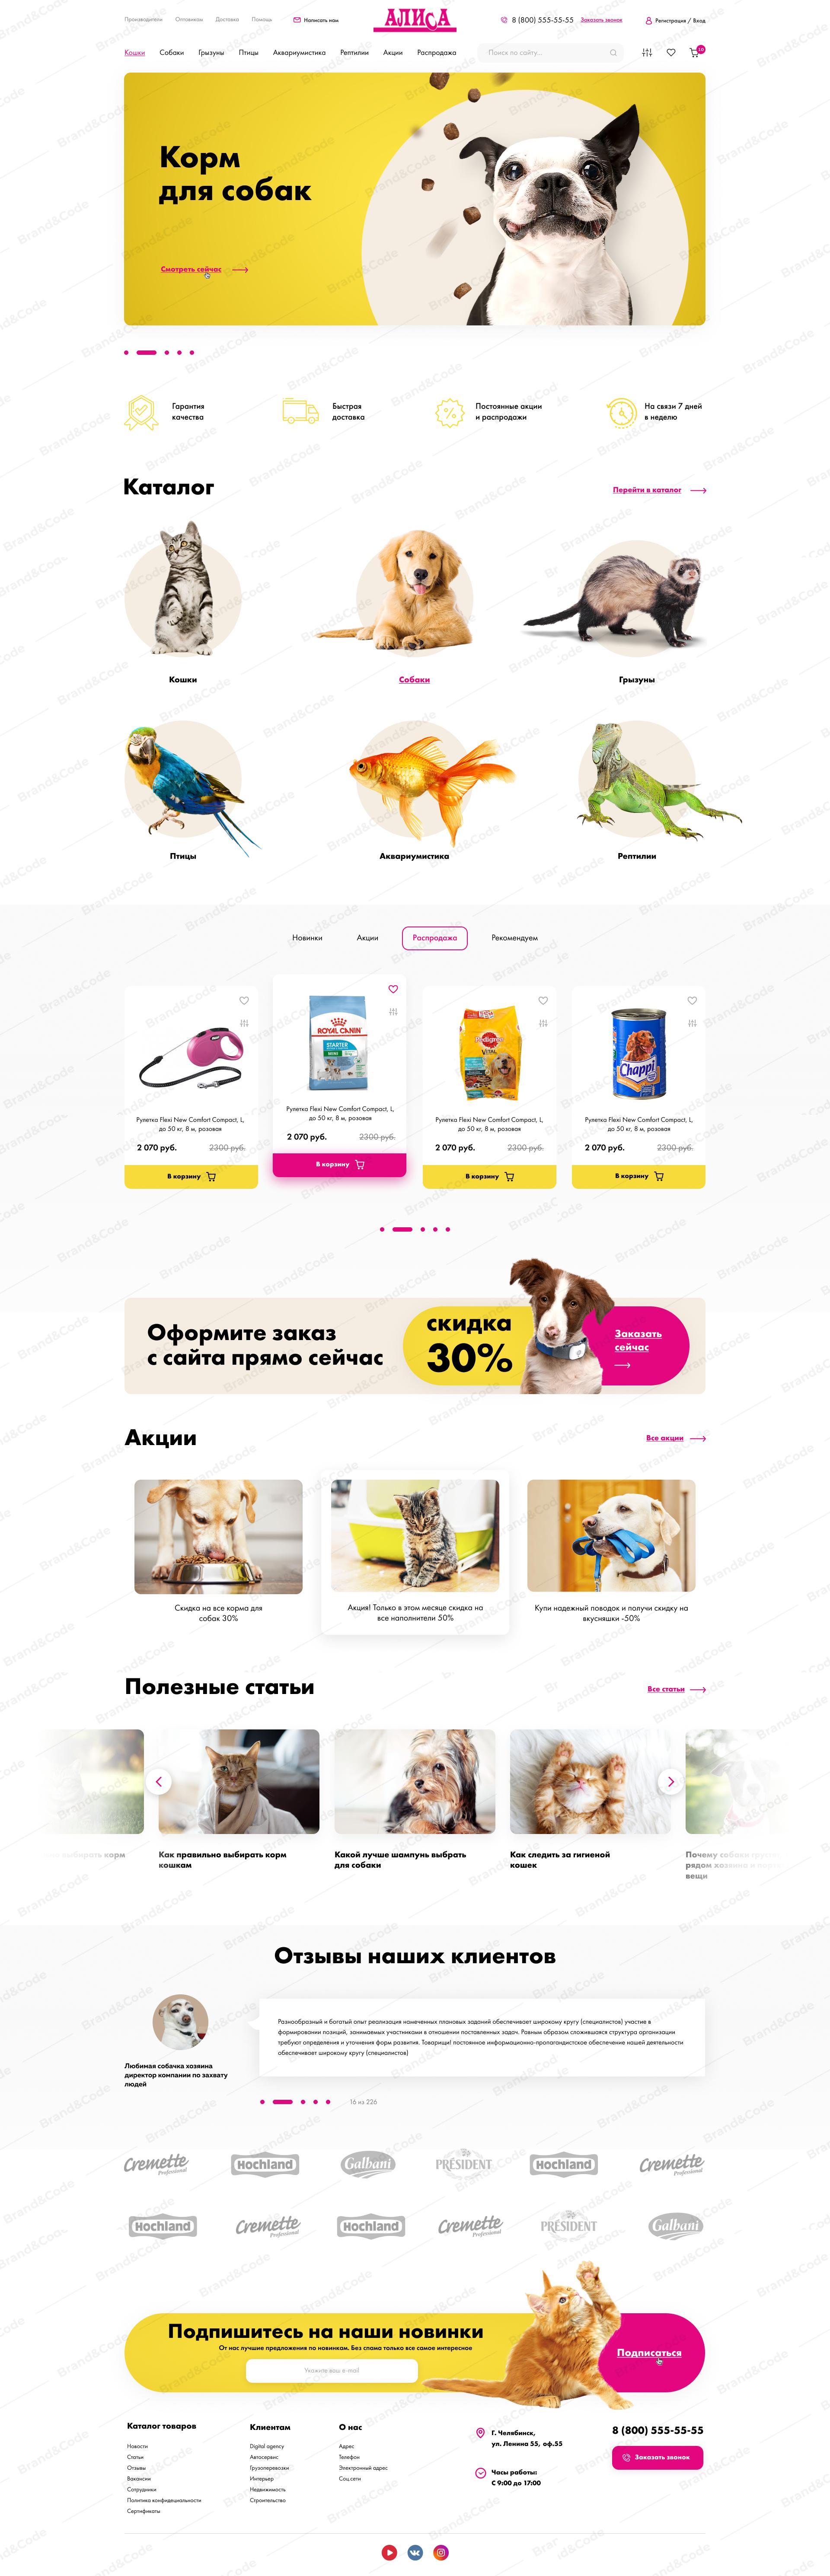 Алиса - интернет-магазин зоотоваров